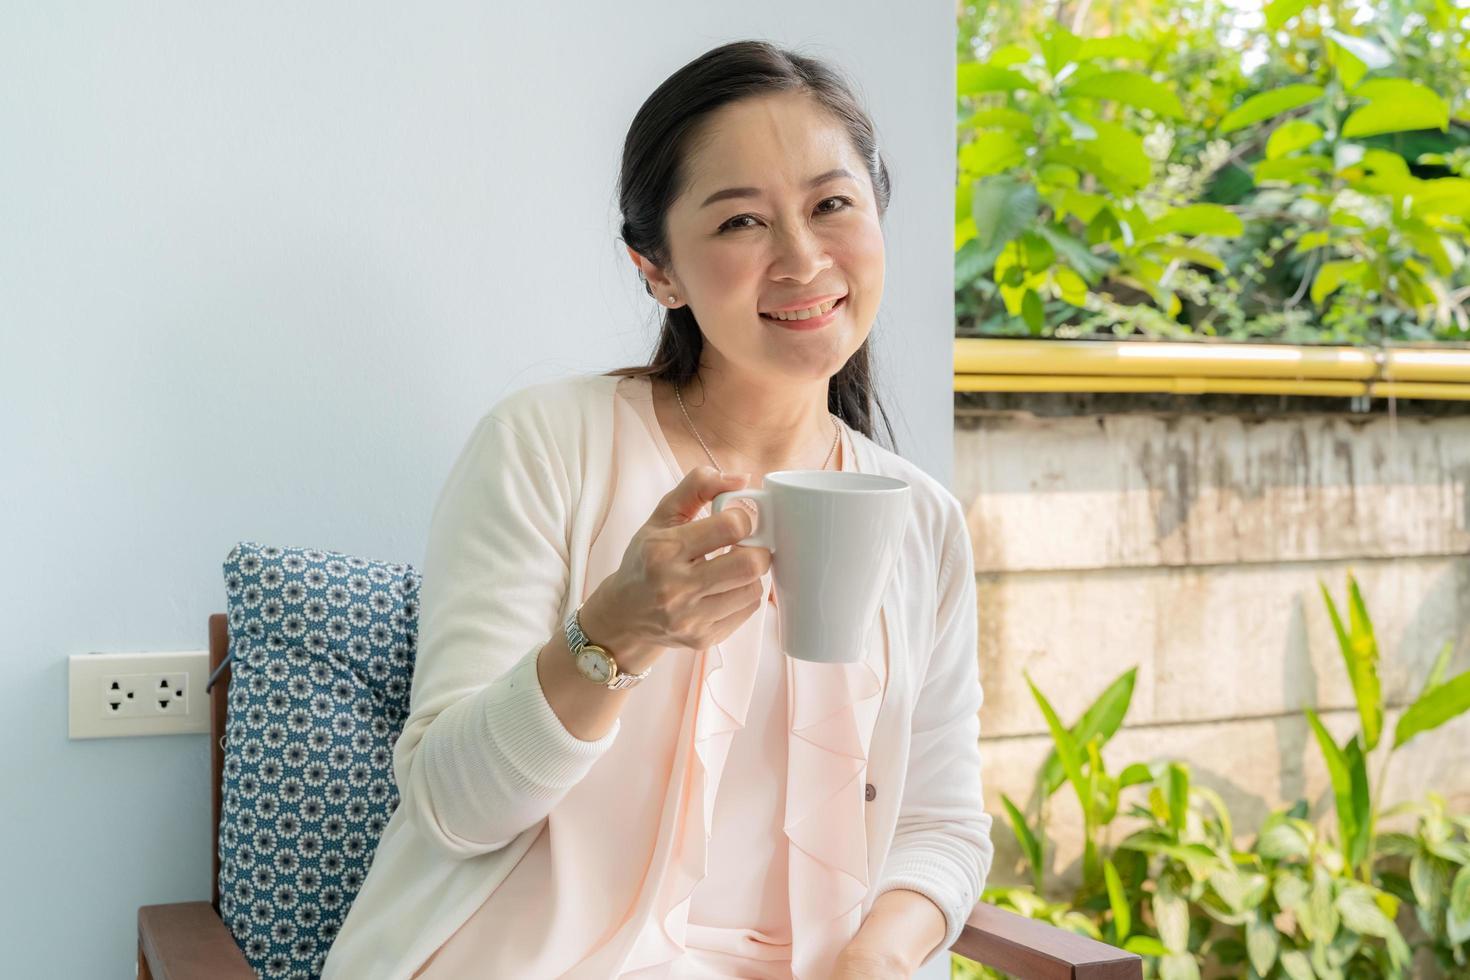 asiatische Frau mittleren Alters, die im Hinterhof sitzt und Kaffee nippt. foto